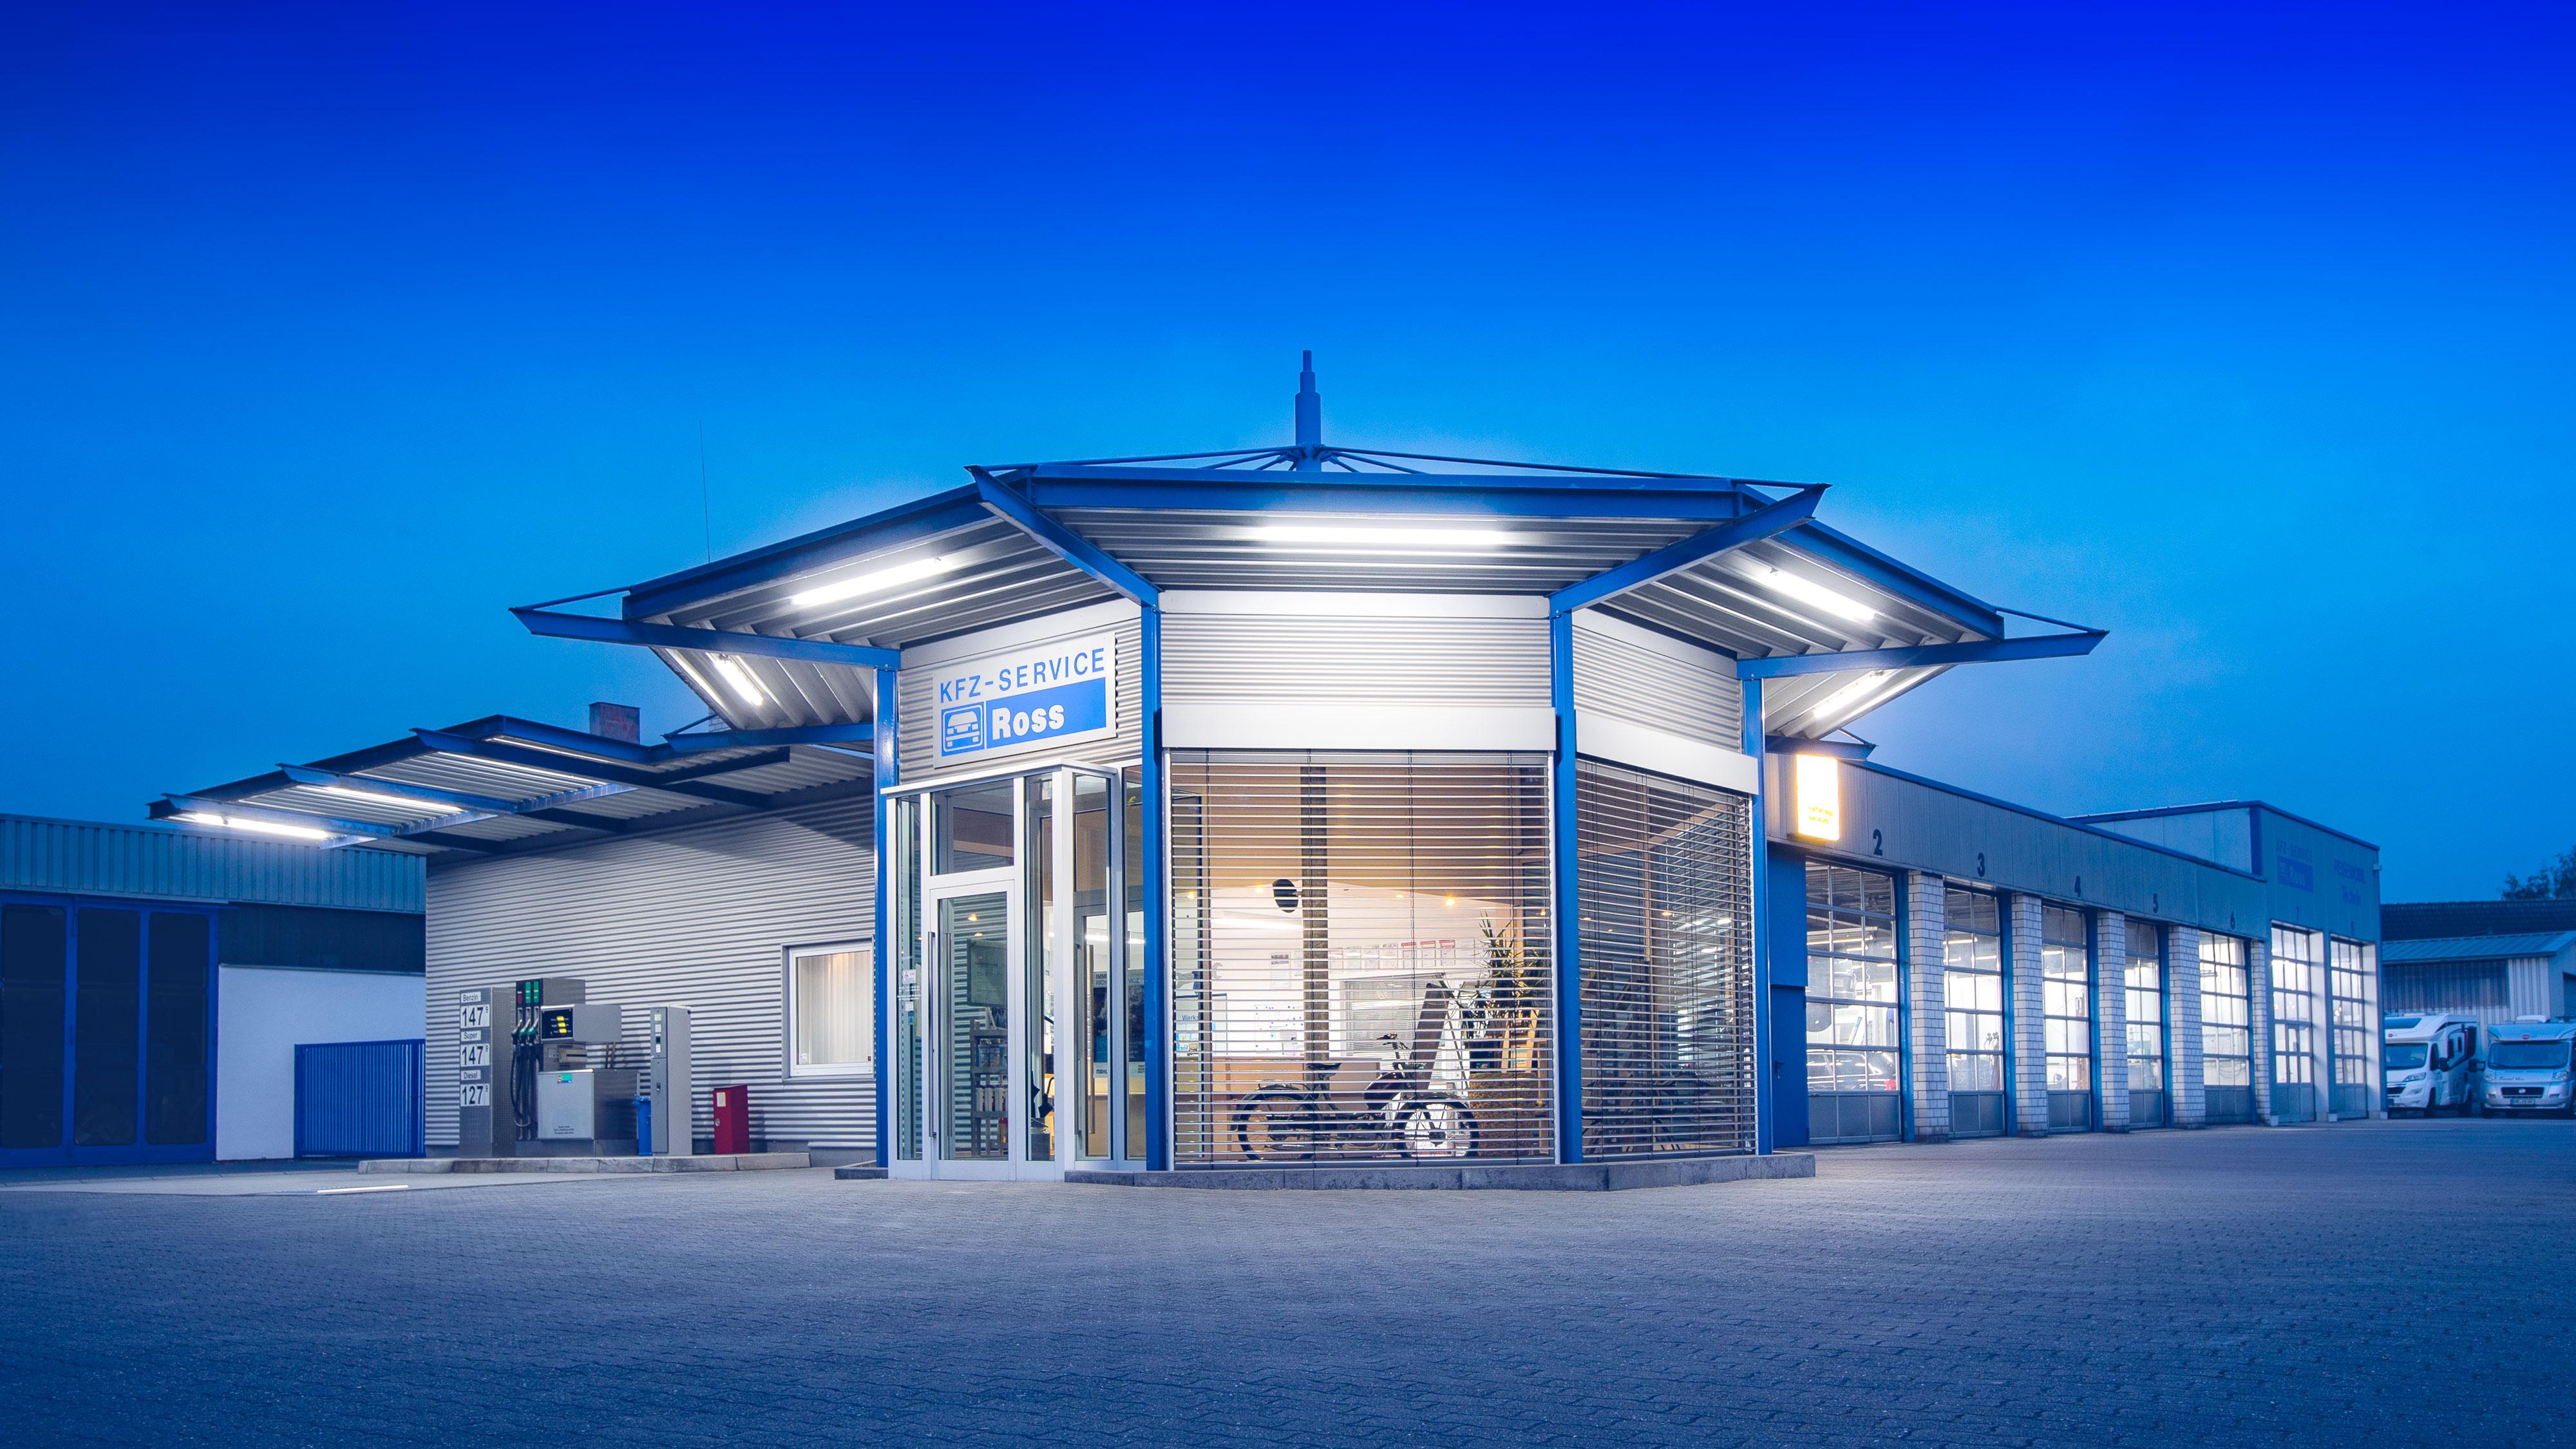 Eine stimmungsvolle Außenaufnahme der Auto Werkstatt KFZ Service Ross in Dülmen Hiddingsel